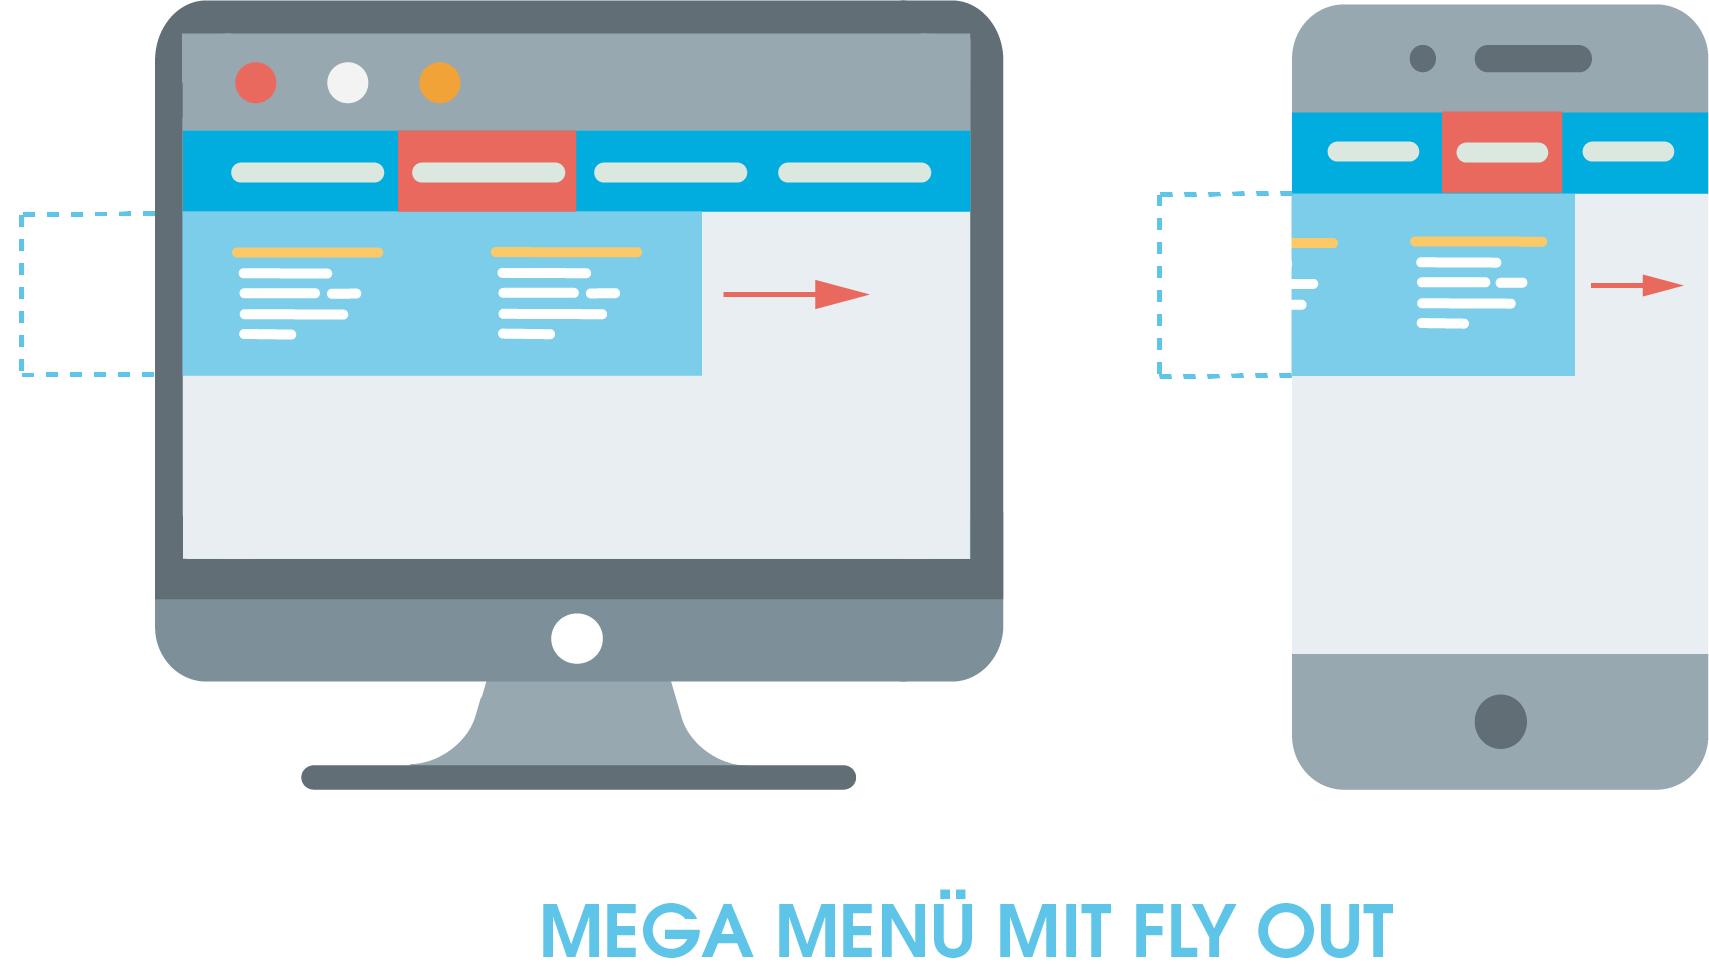 Darstellung eines Mega Menüs mit Fly Out. Hier zu sehen ist ein Mega Menü alseine Möglichkeit eine horizontale Navigation einzusetzen. Die Fly Out-Funktion des Menüs zeigt sich darin, dass ein Teil der Navigation aus dem unsichtbaren Bereich des Bildschirmrandes einfliegt, wenn der Nutzer das Menü verwendet.